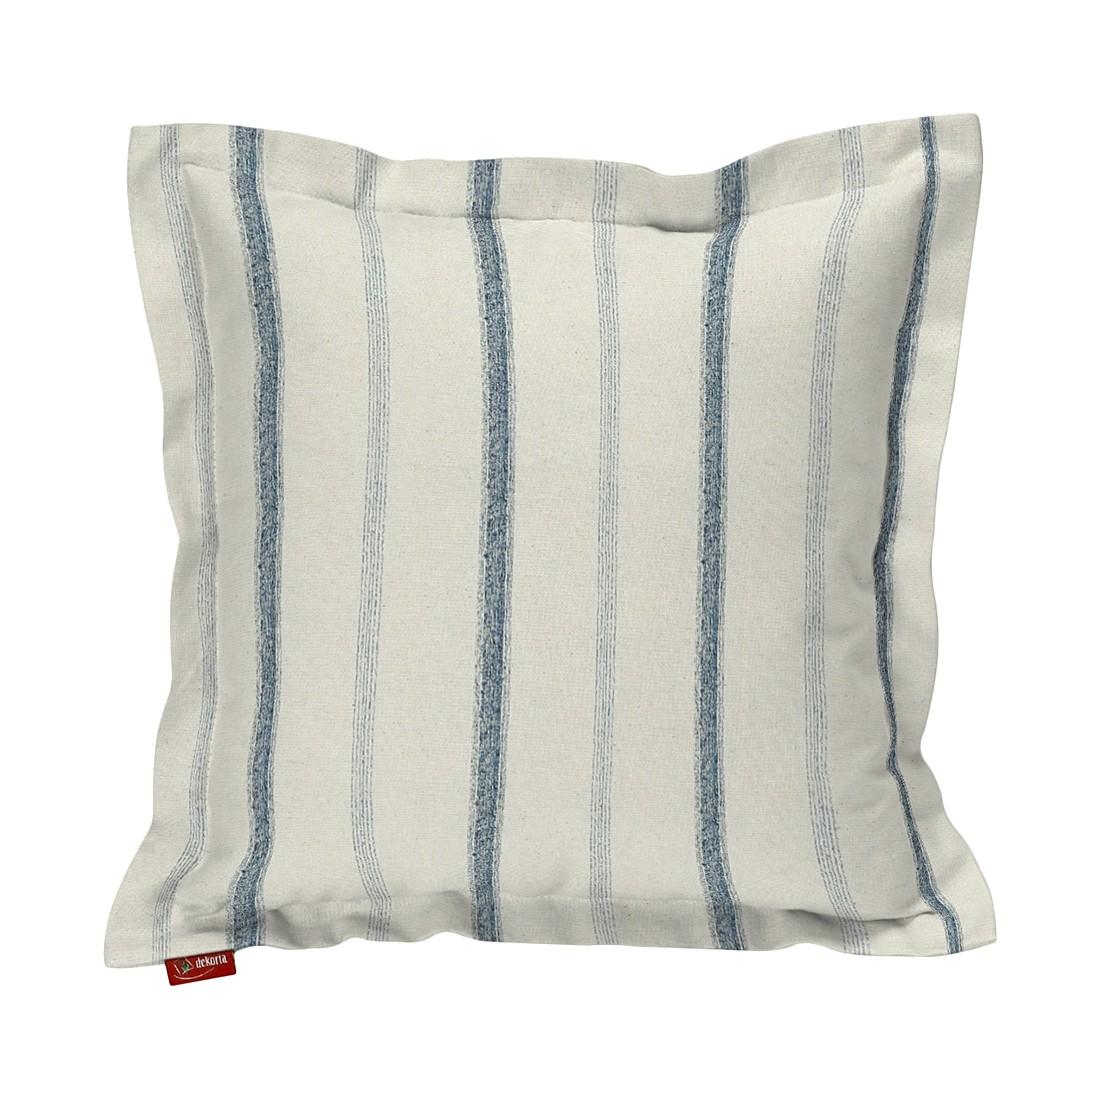 kissenh lle mit stehsaum creme blau streifen 38 x 38 cm dekoria online kaufen. Black Bedroom Furniture Sets. Home Design Ideas